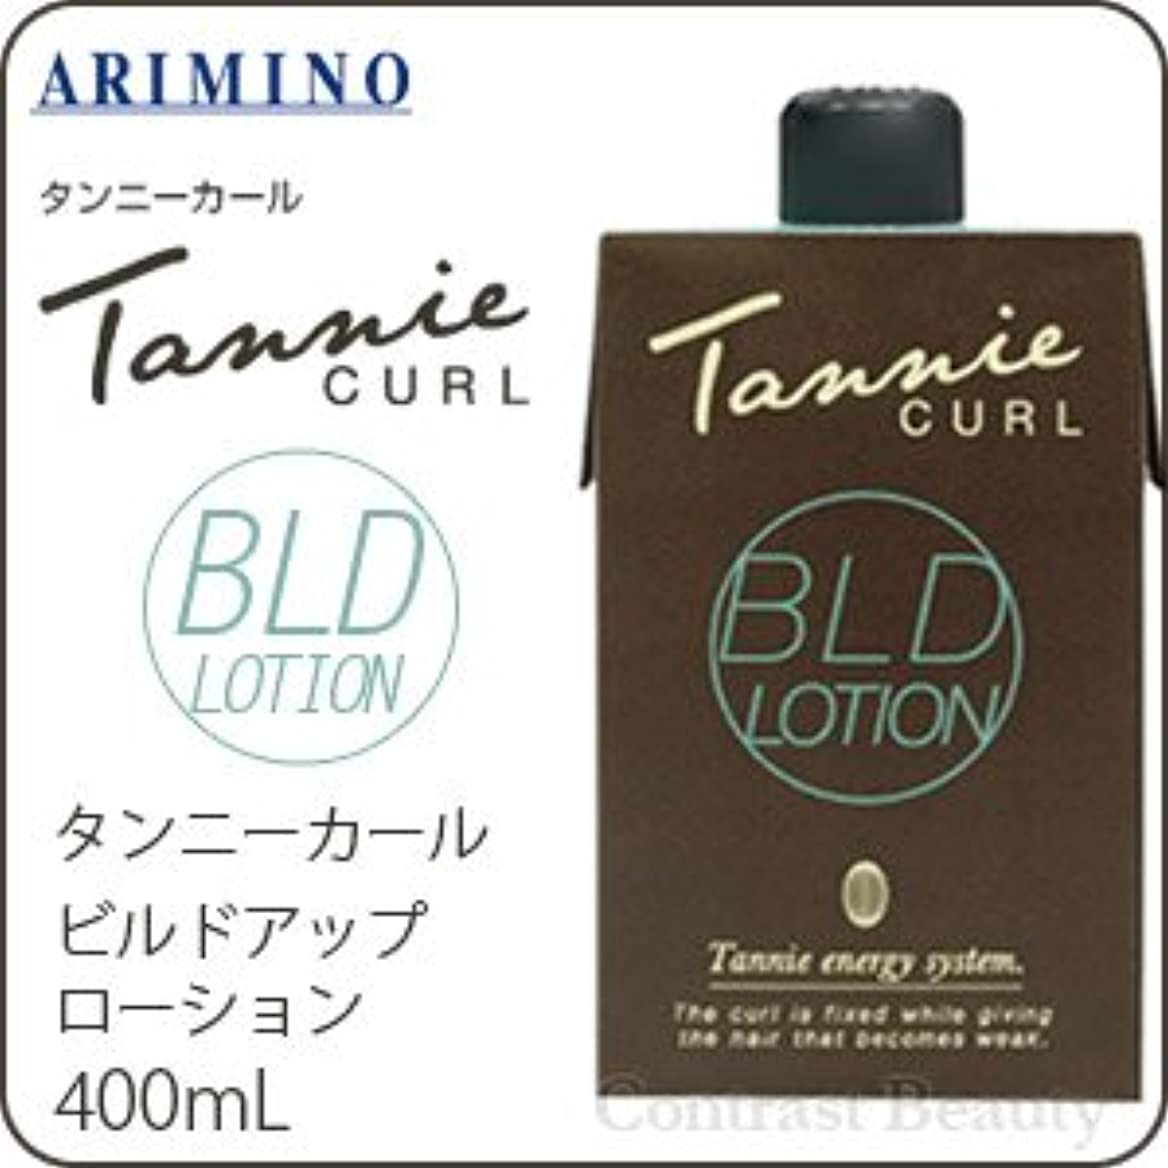 露早める暴徒【X3個セット】 アリミノ タンニーカール ビルドアップ ローション 400ml